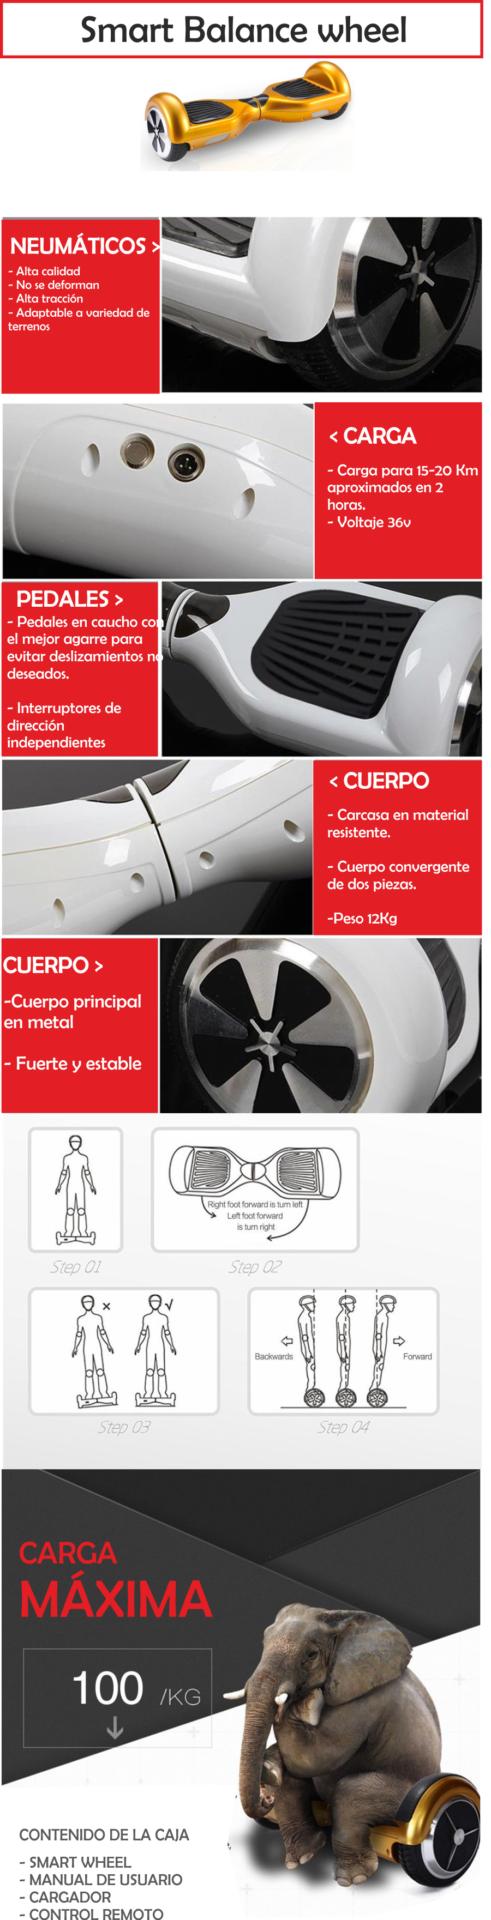 Smart Balance Wheel - malumeta - dashboard